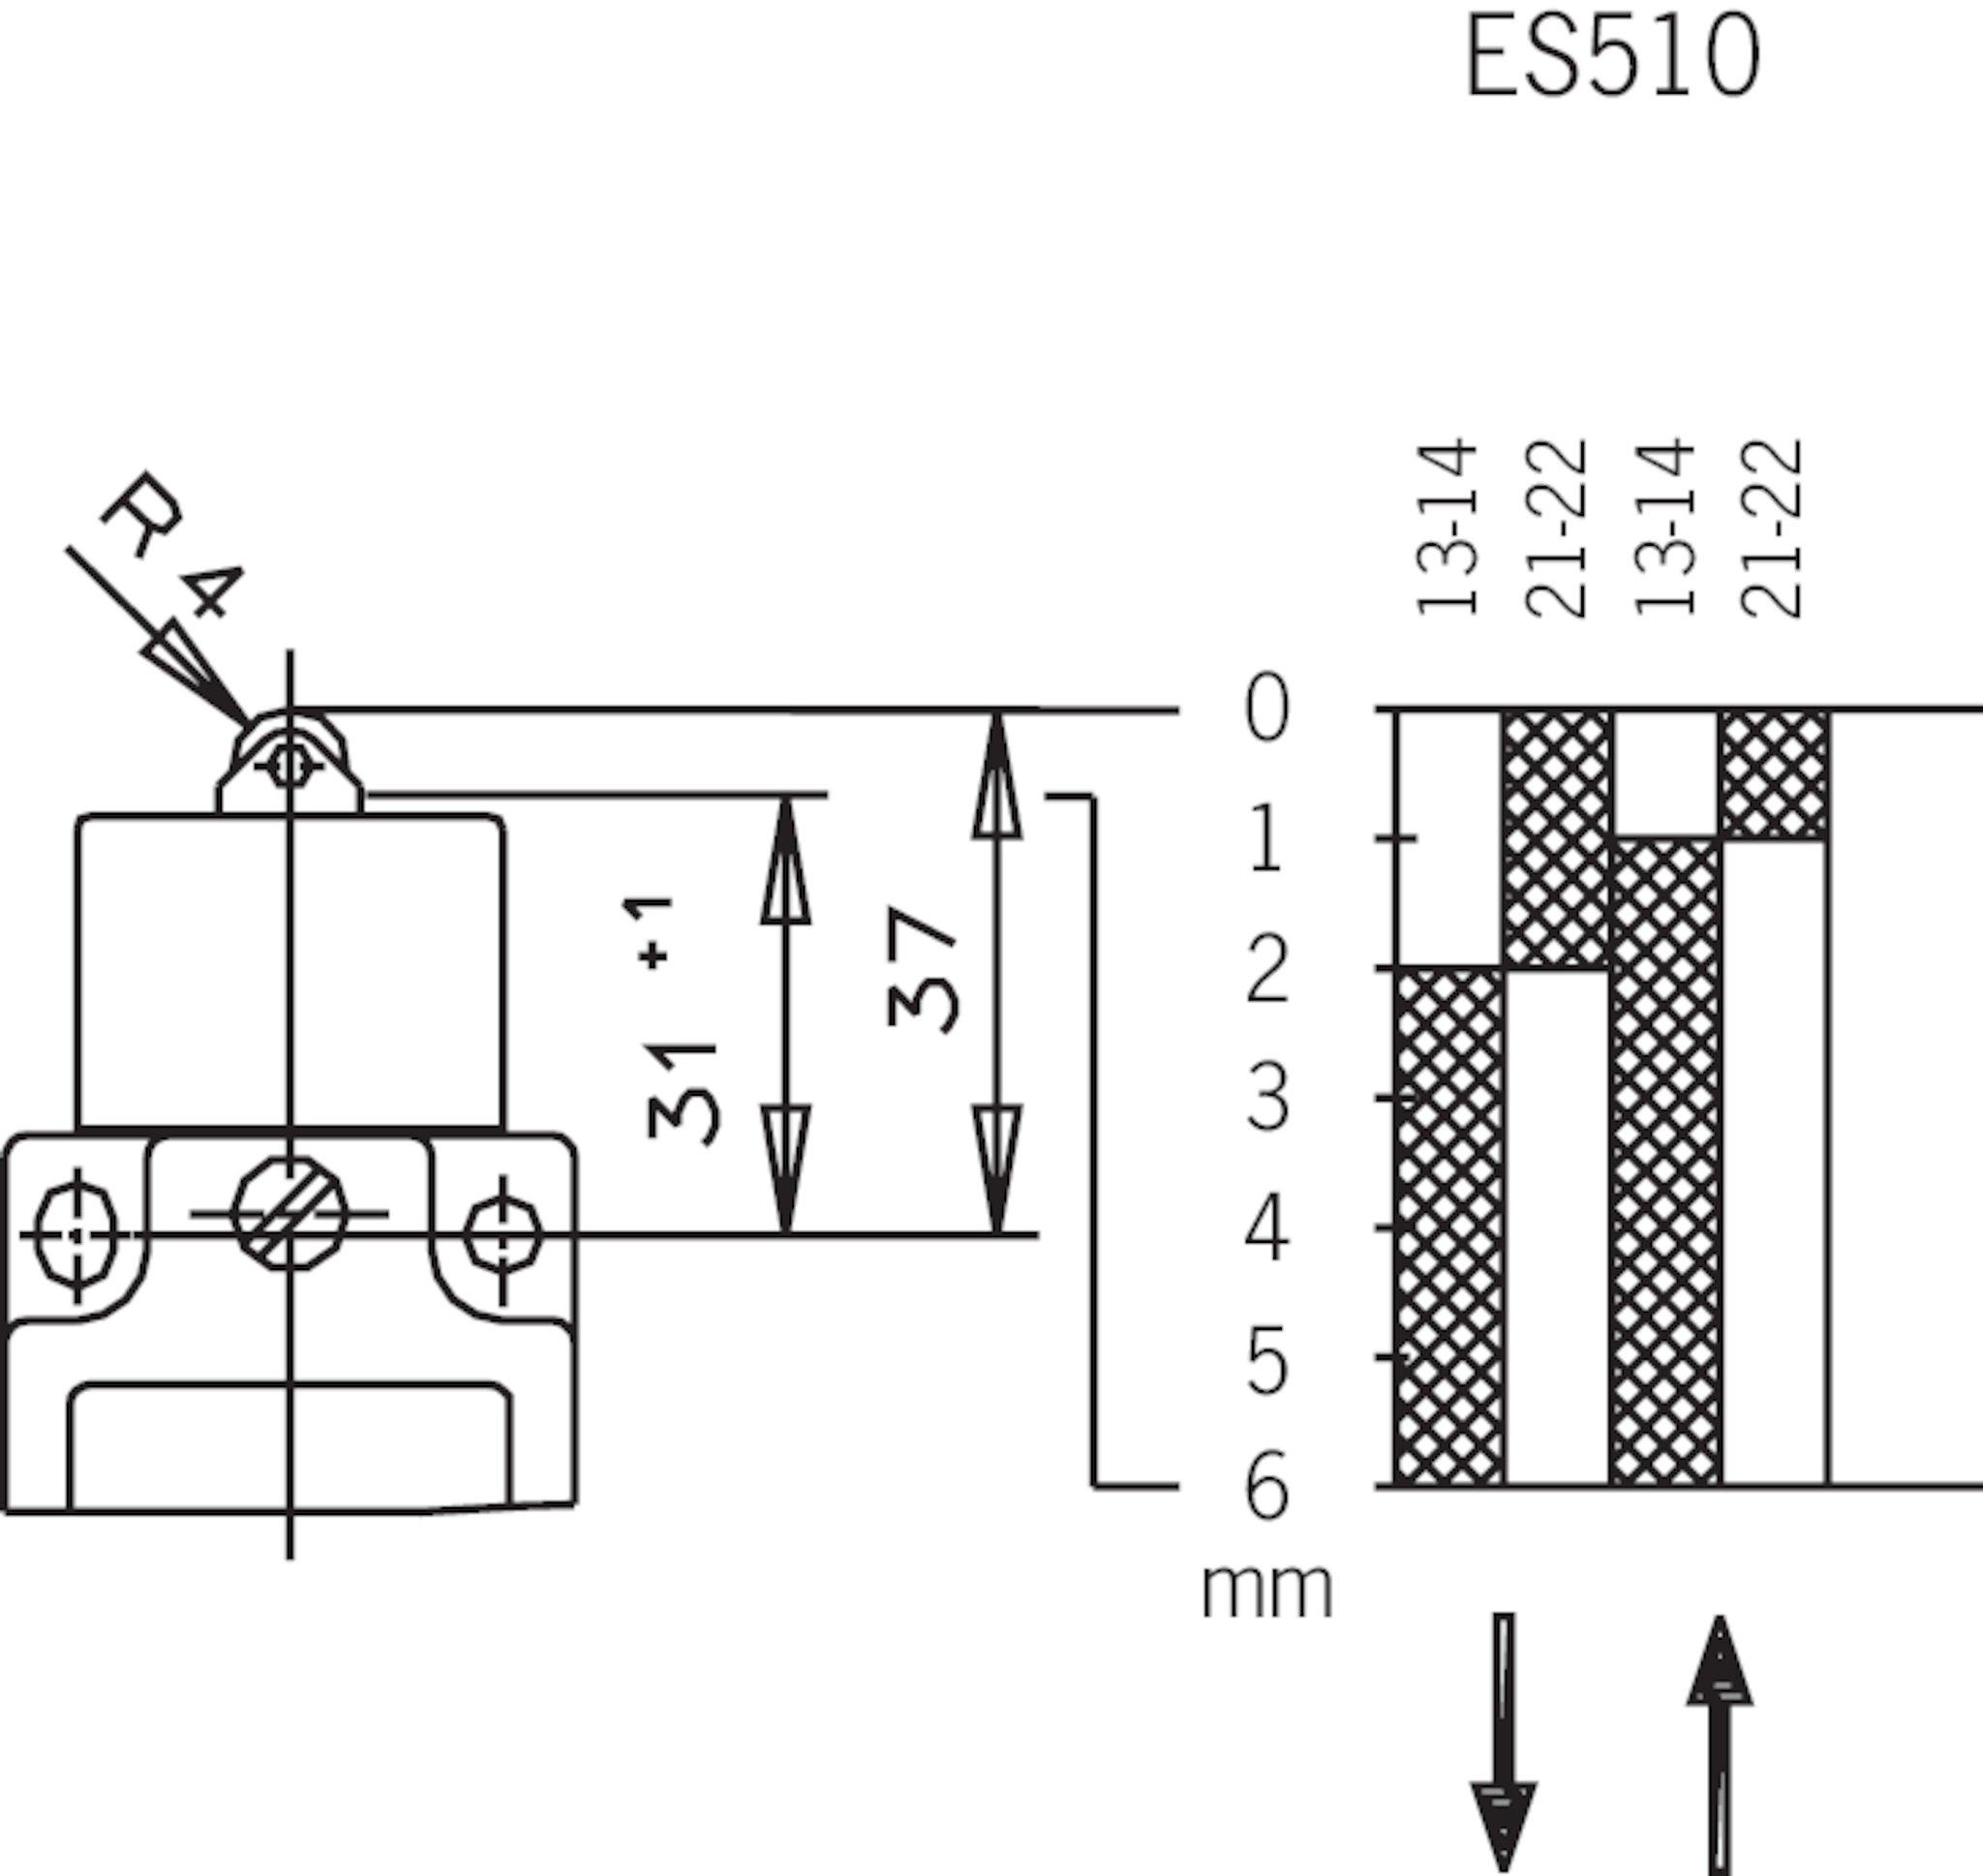 Diagrama do curso de comutação